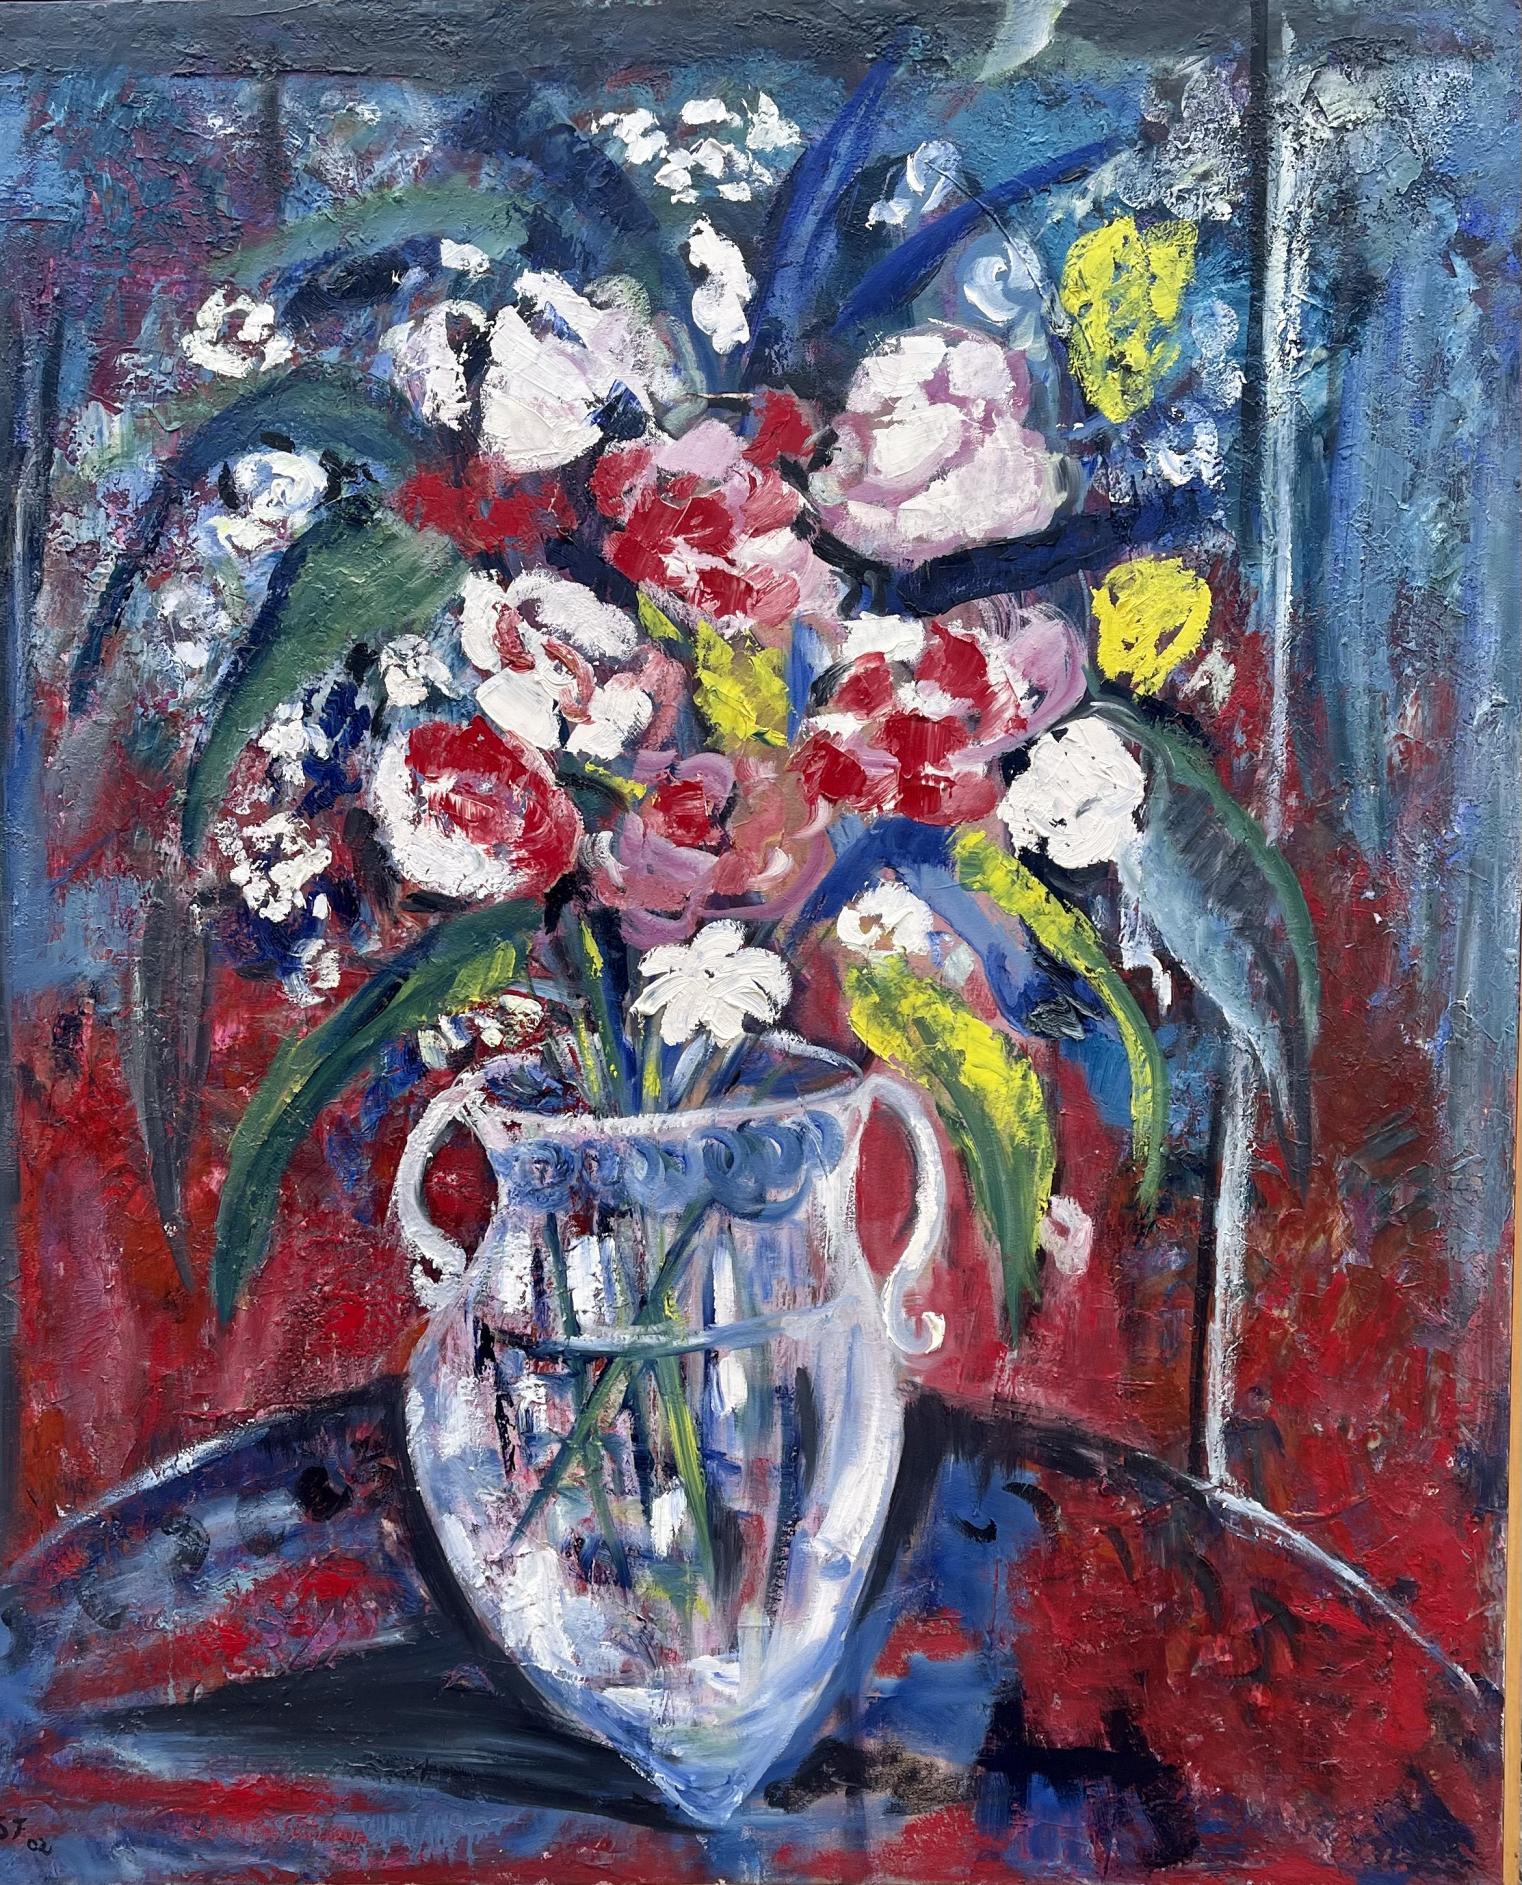 Jarrón con flores (2002) - Soledad Fernandez Fernandez